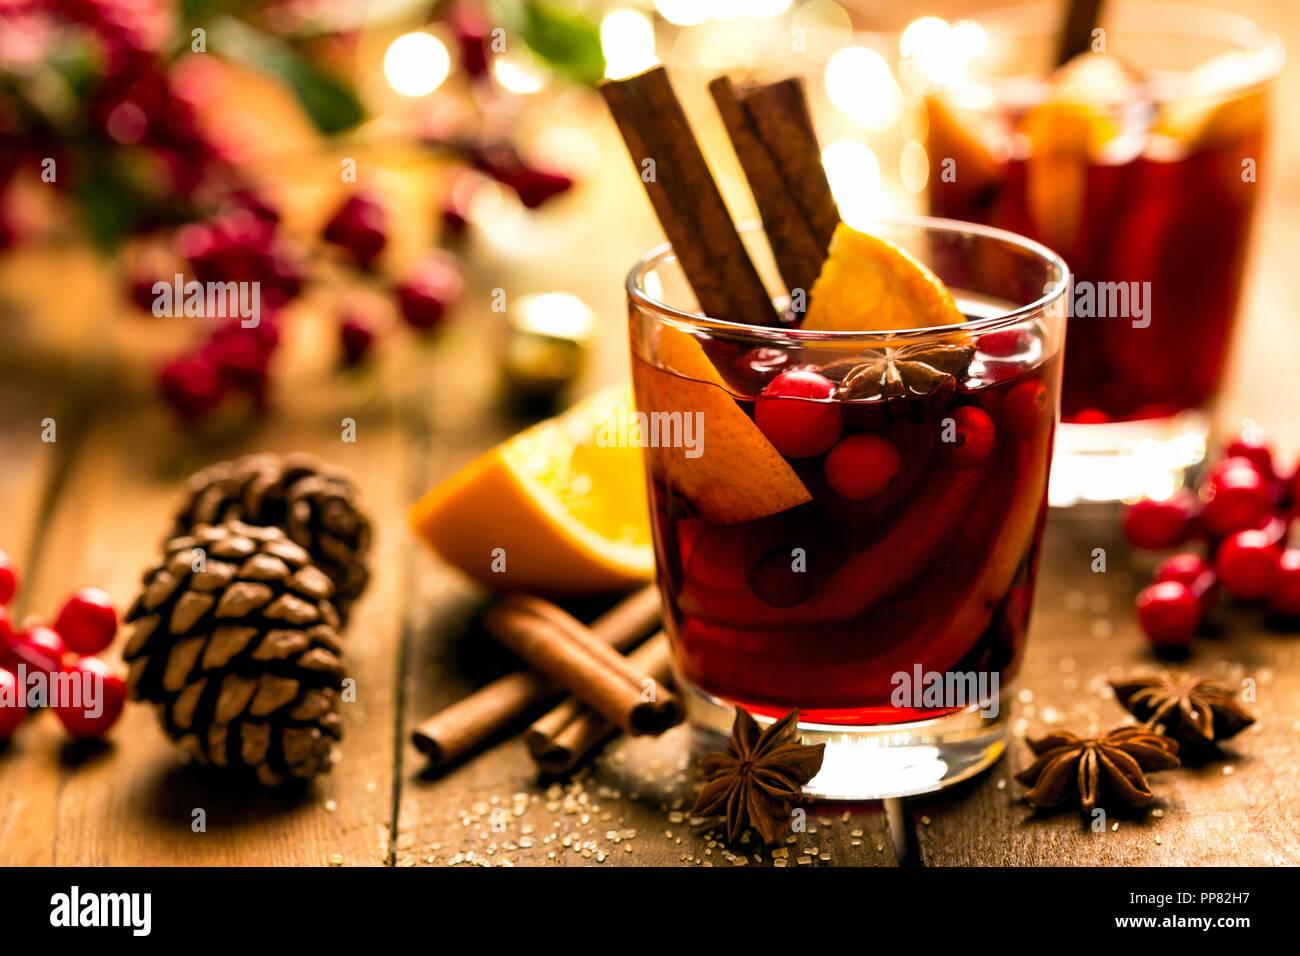 Weihnachten Glühwein Rotwein mit den Gewürzen und Orangen auf einer hölzernen rustikalen Tisch. Traditionelle warme Getränke zu Weihnachten Stockbild